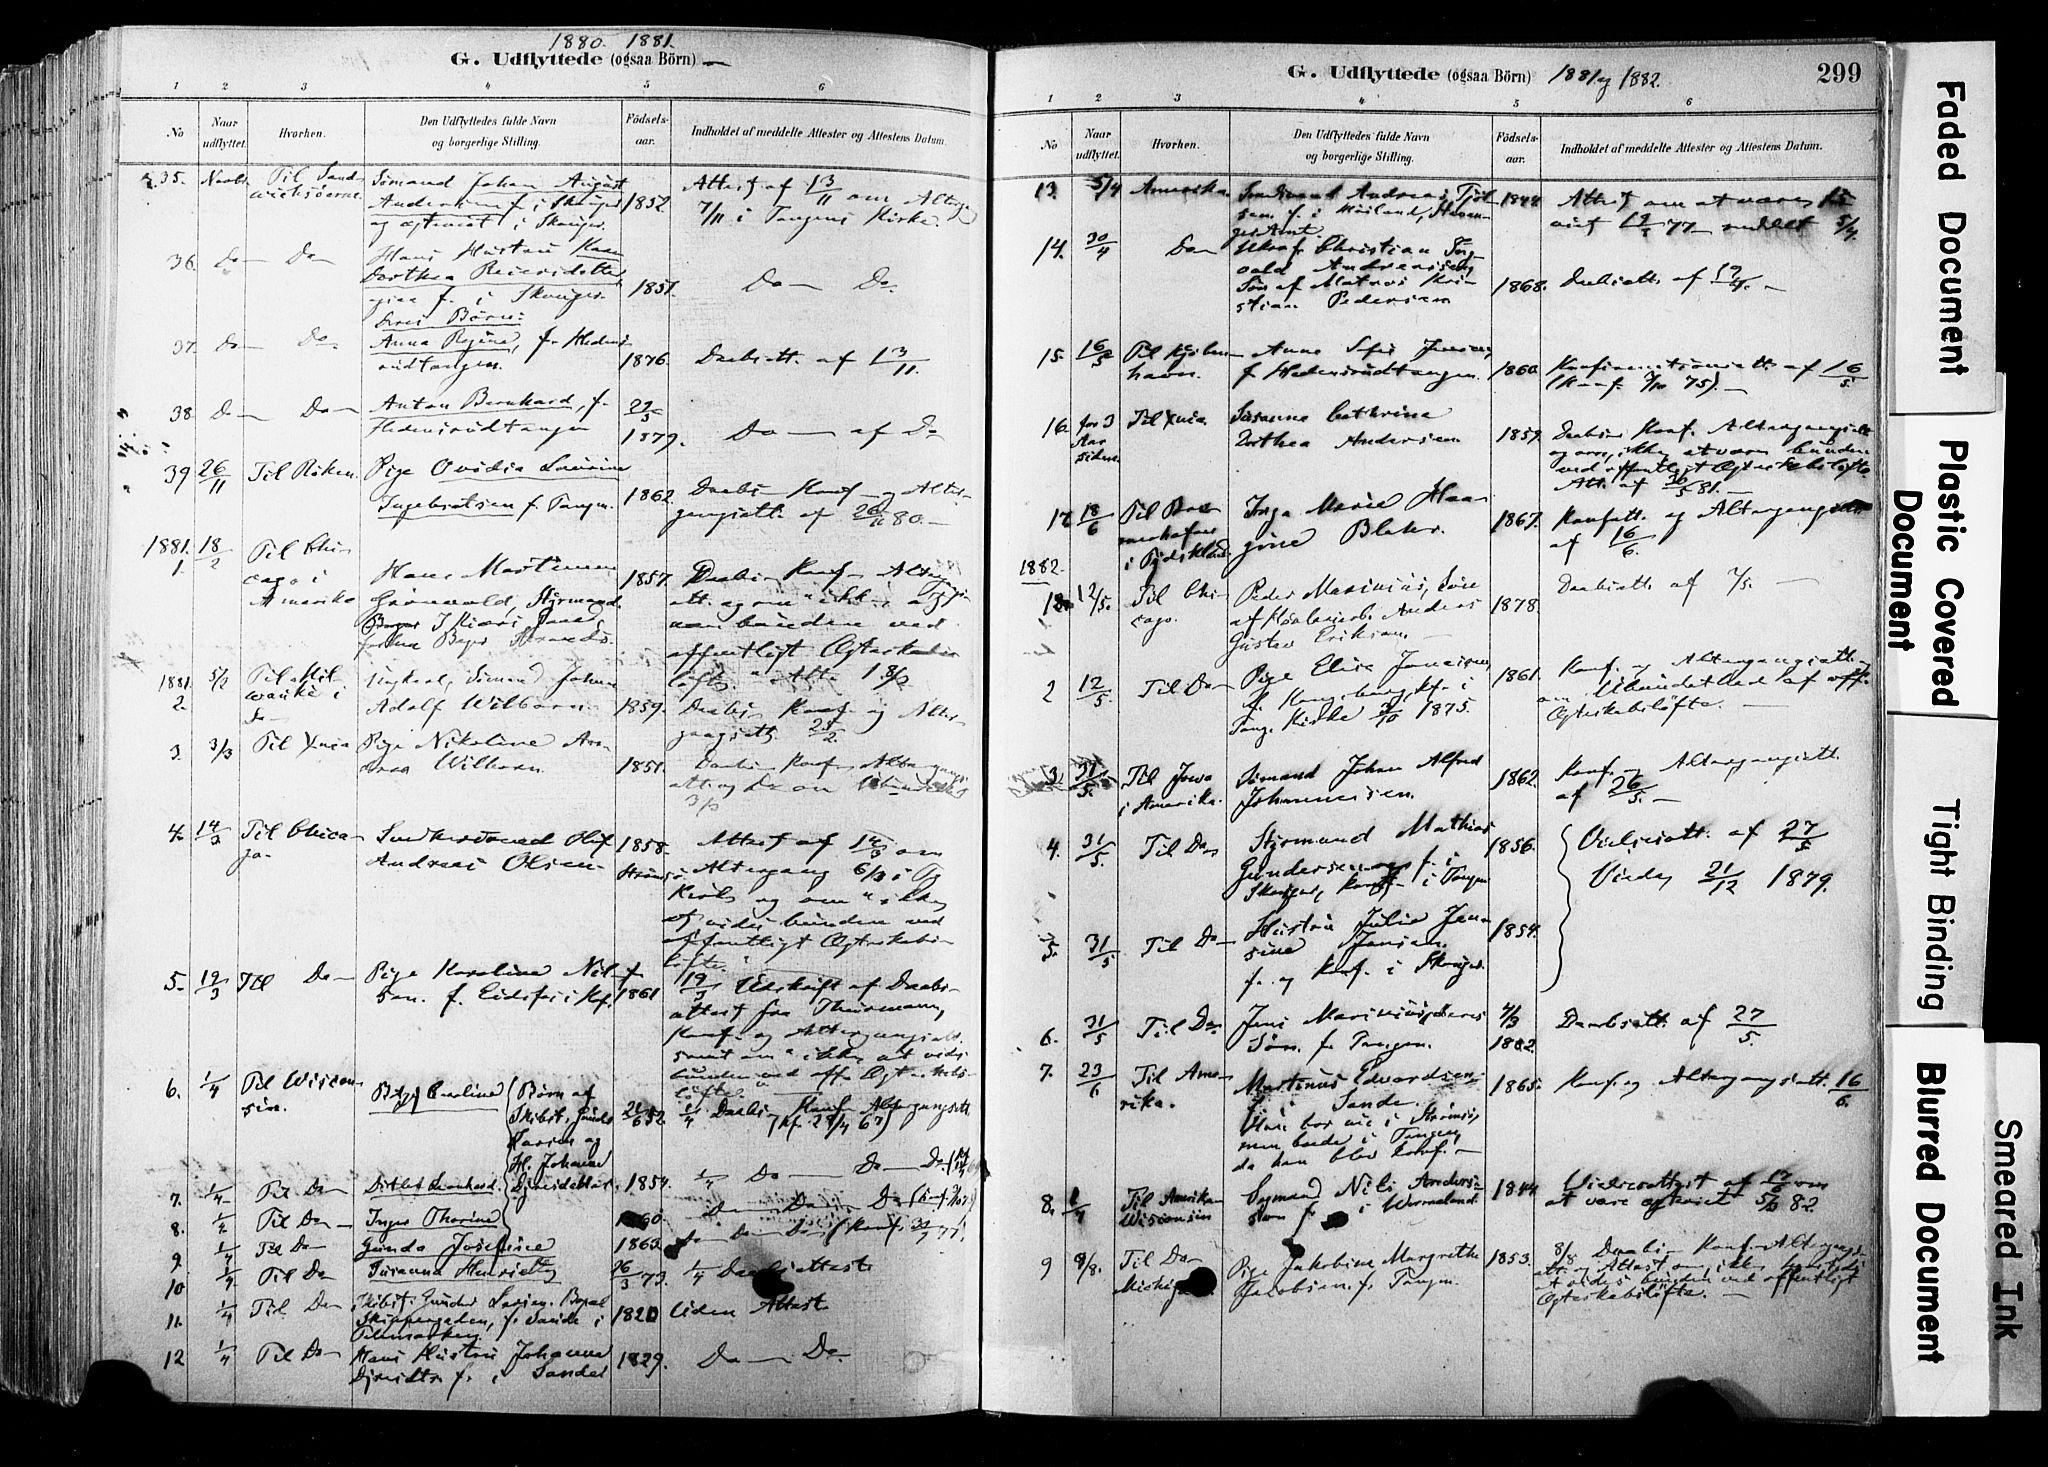 SAKO, Strømsø kirkebøker, F/Fb/L0006: Ministerialbok nr. II 6, 1879-1910, s. 299